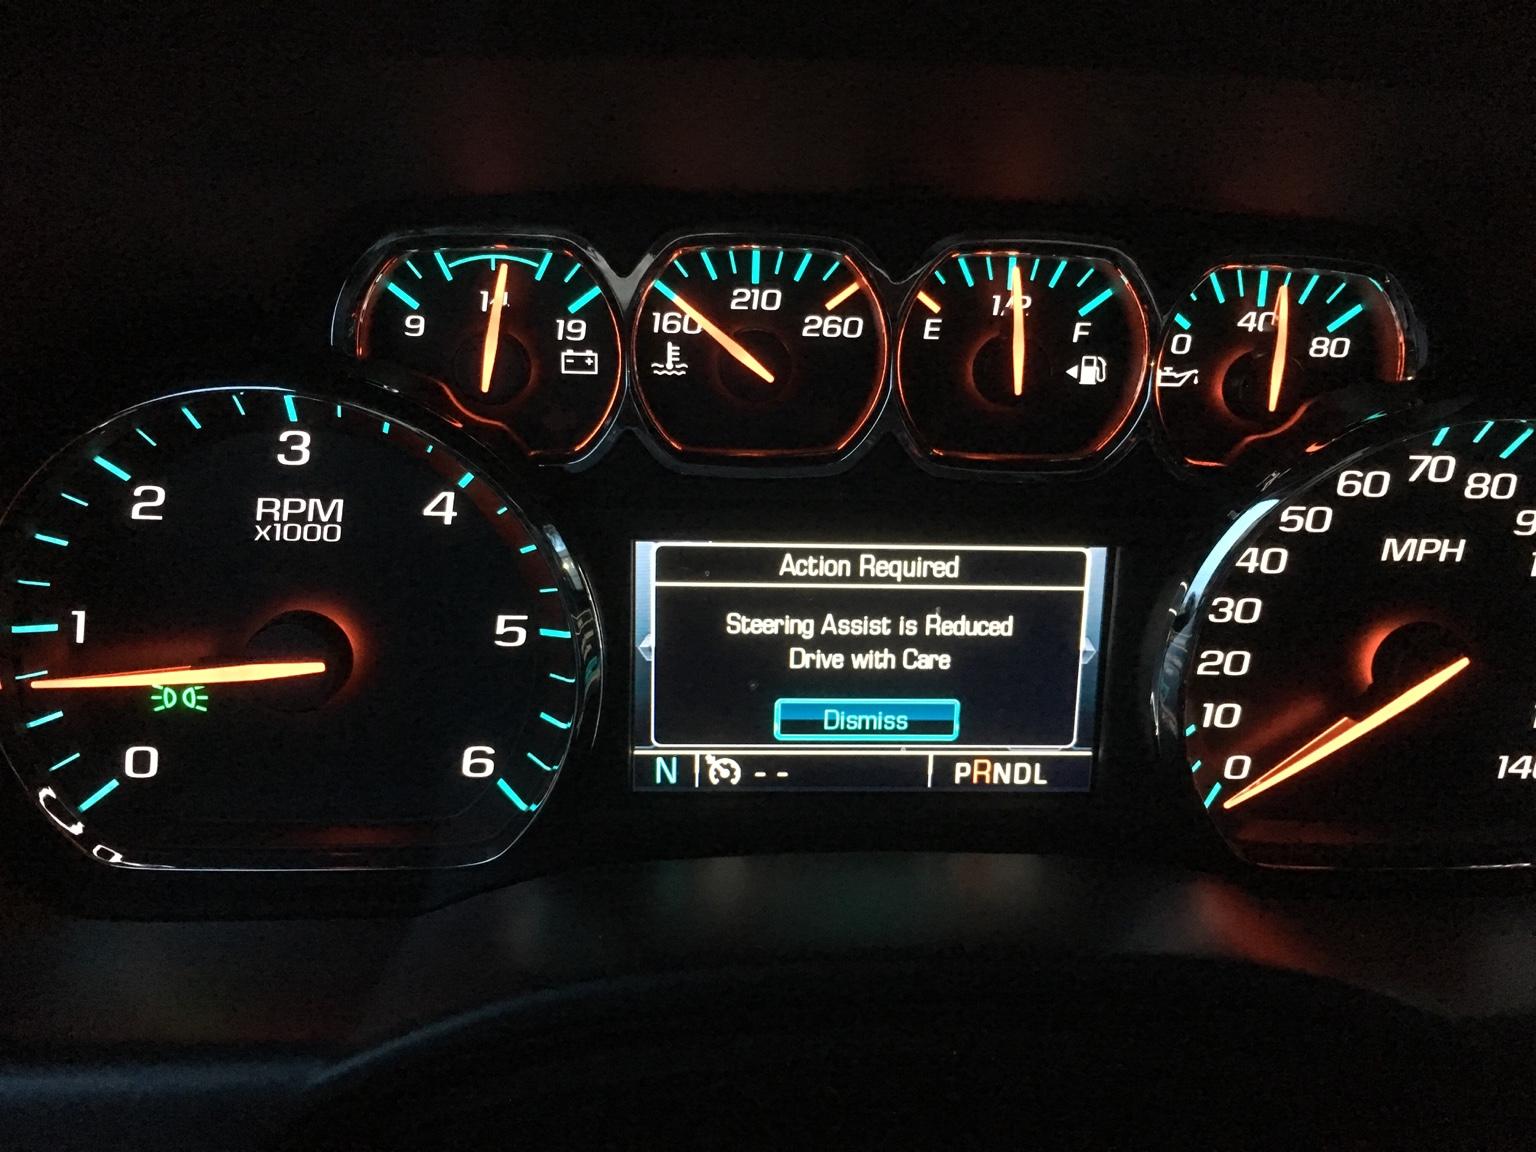 Steering assist reduced - 2014 - 2018 Chevy Silverado & GMC